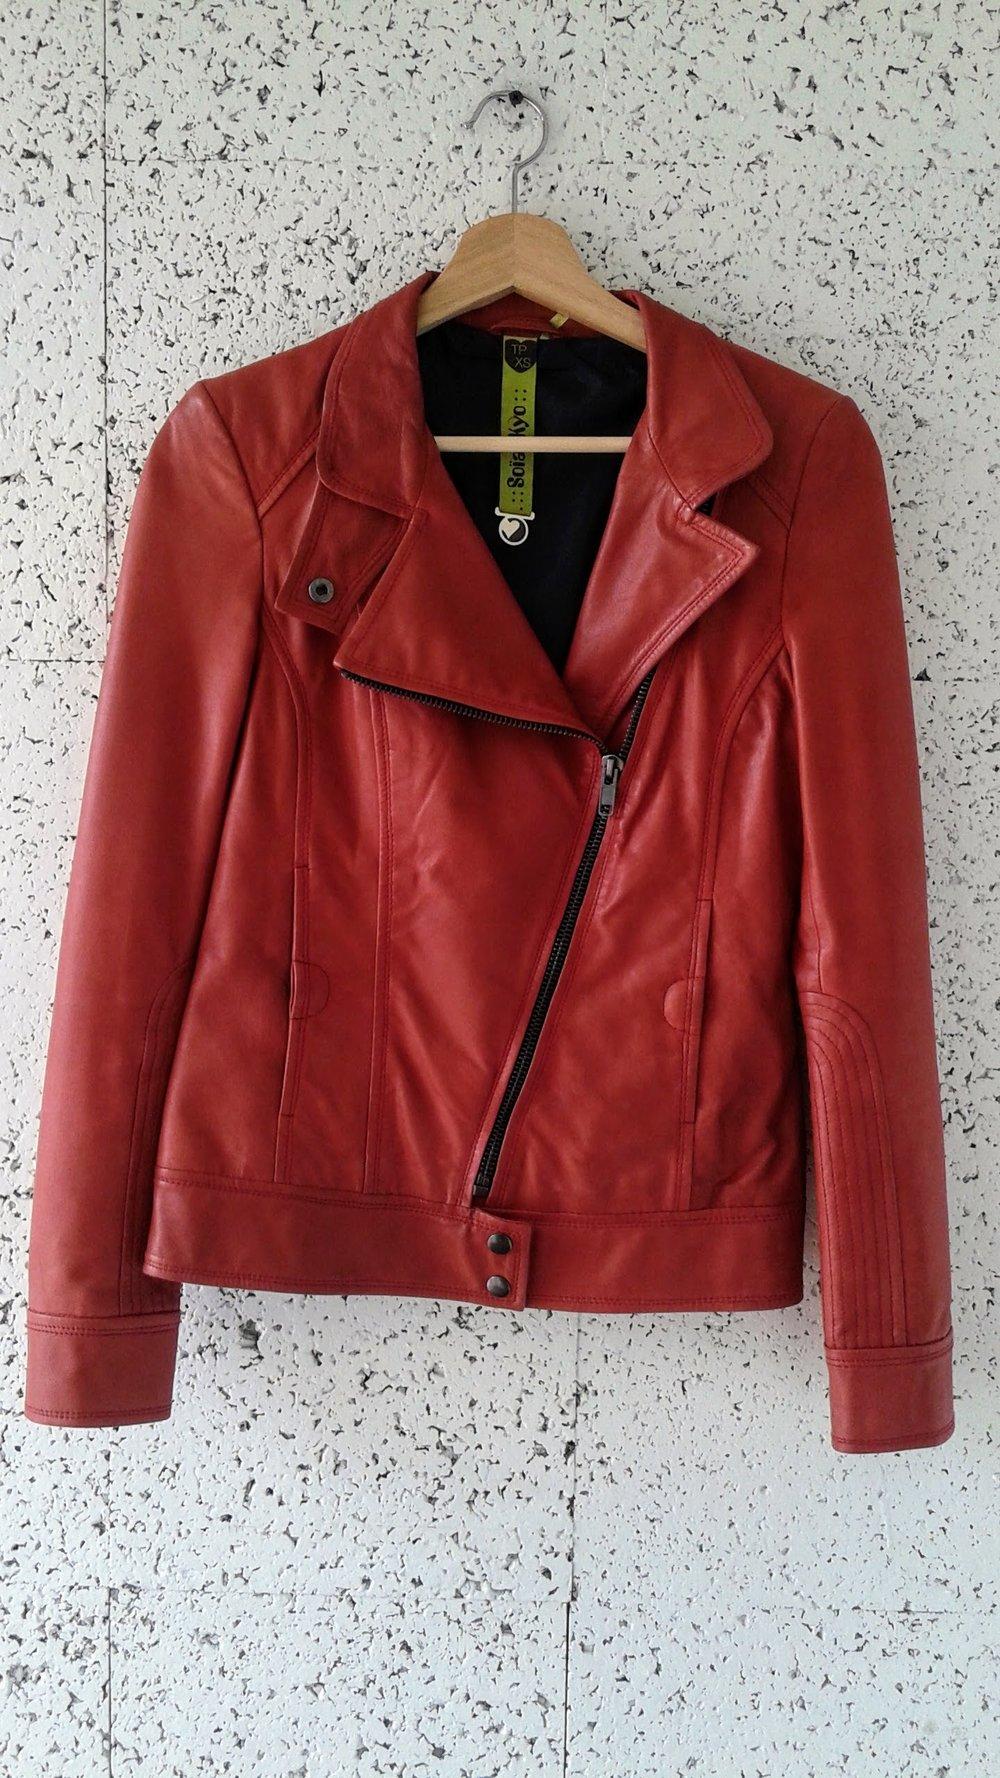 Soia & Kyo jacket; Size XS, $125